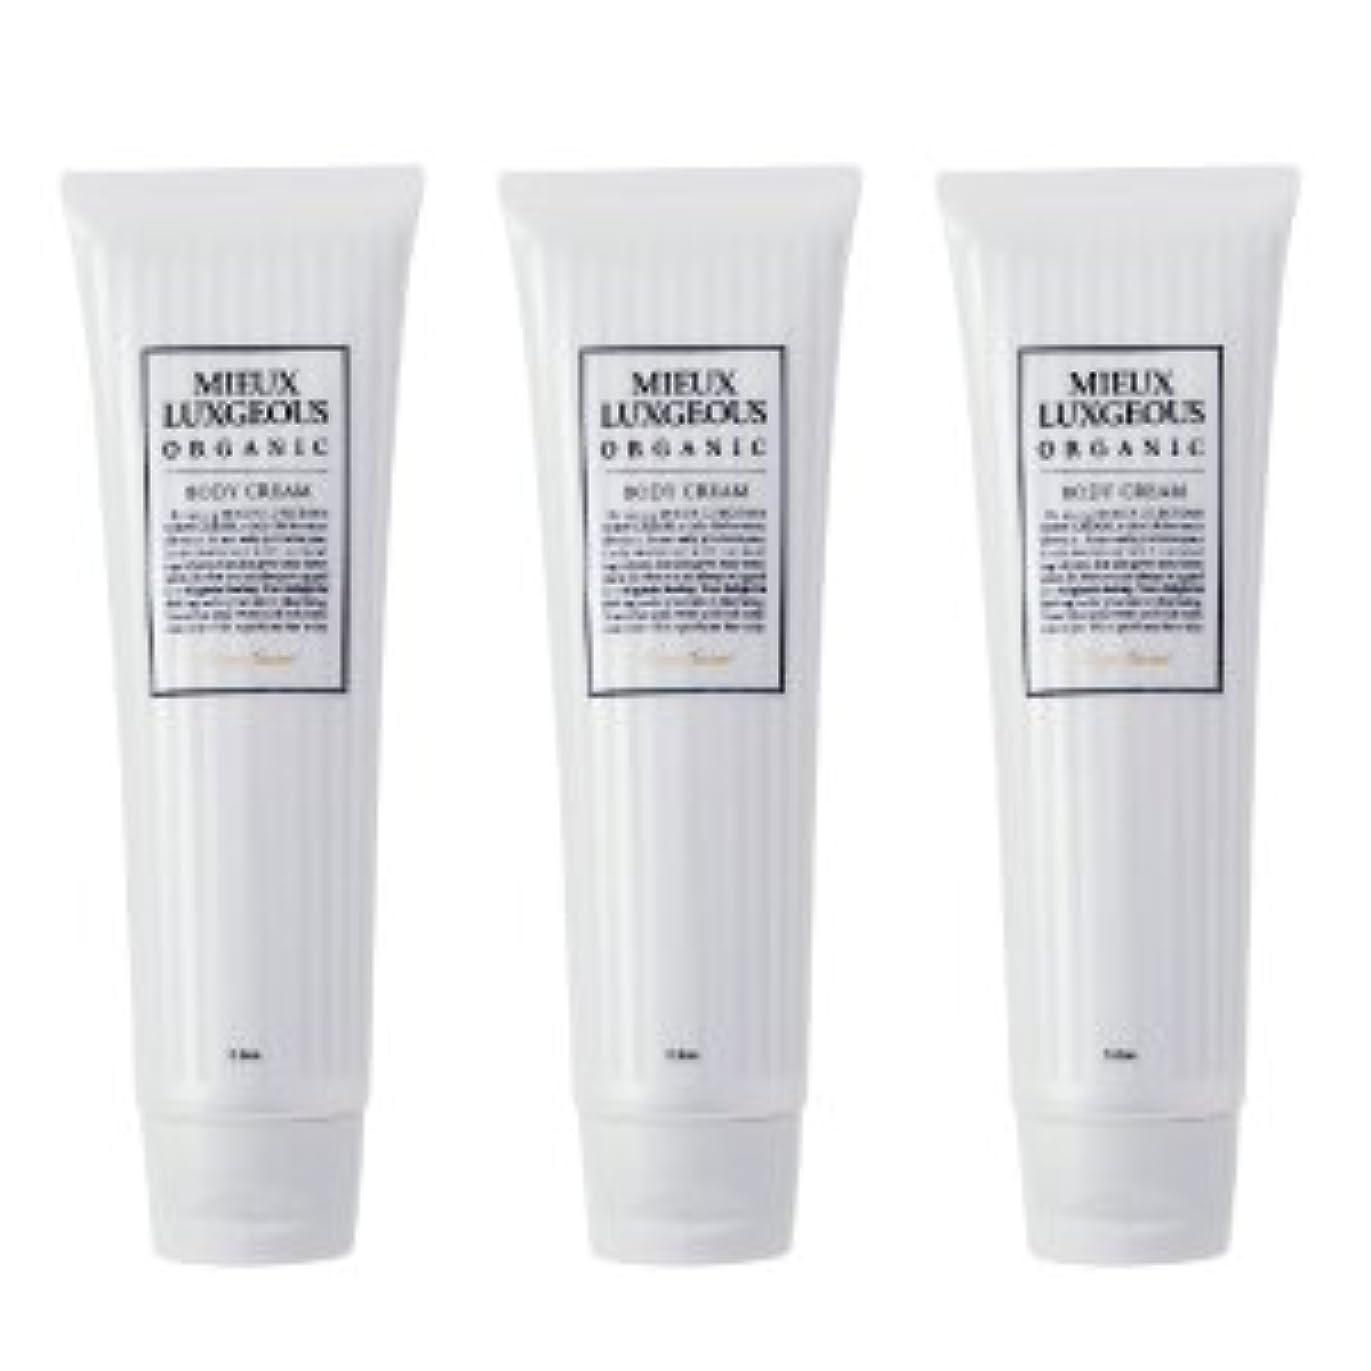 判定大統領ディベート国内正規品 Body Cream 3本set